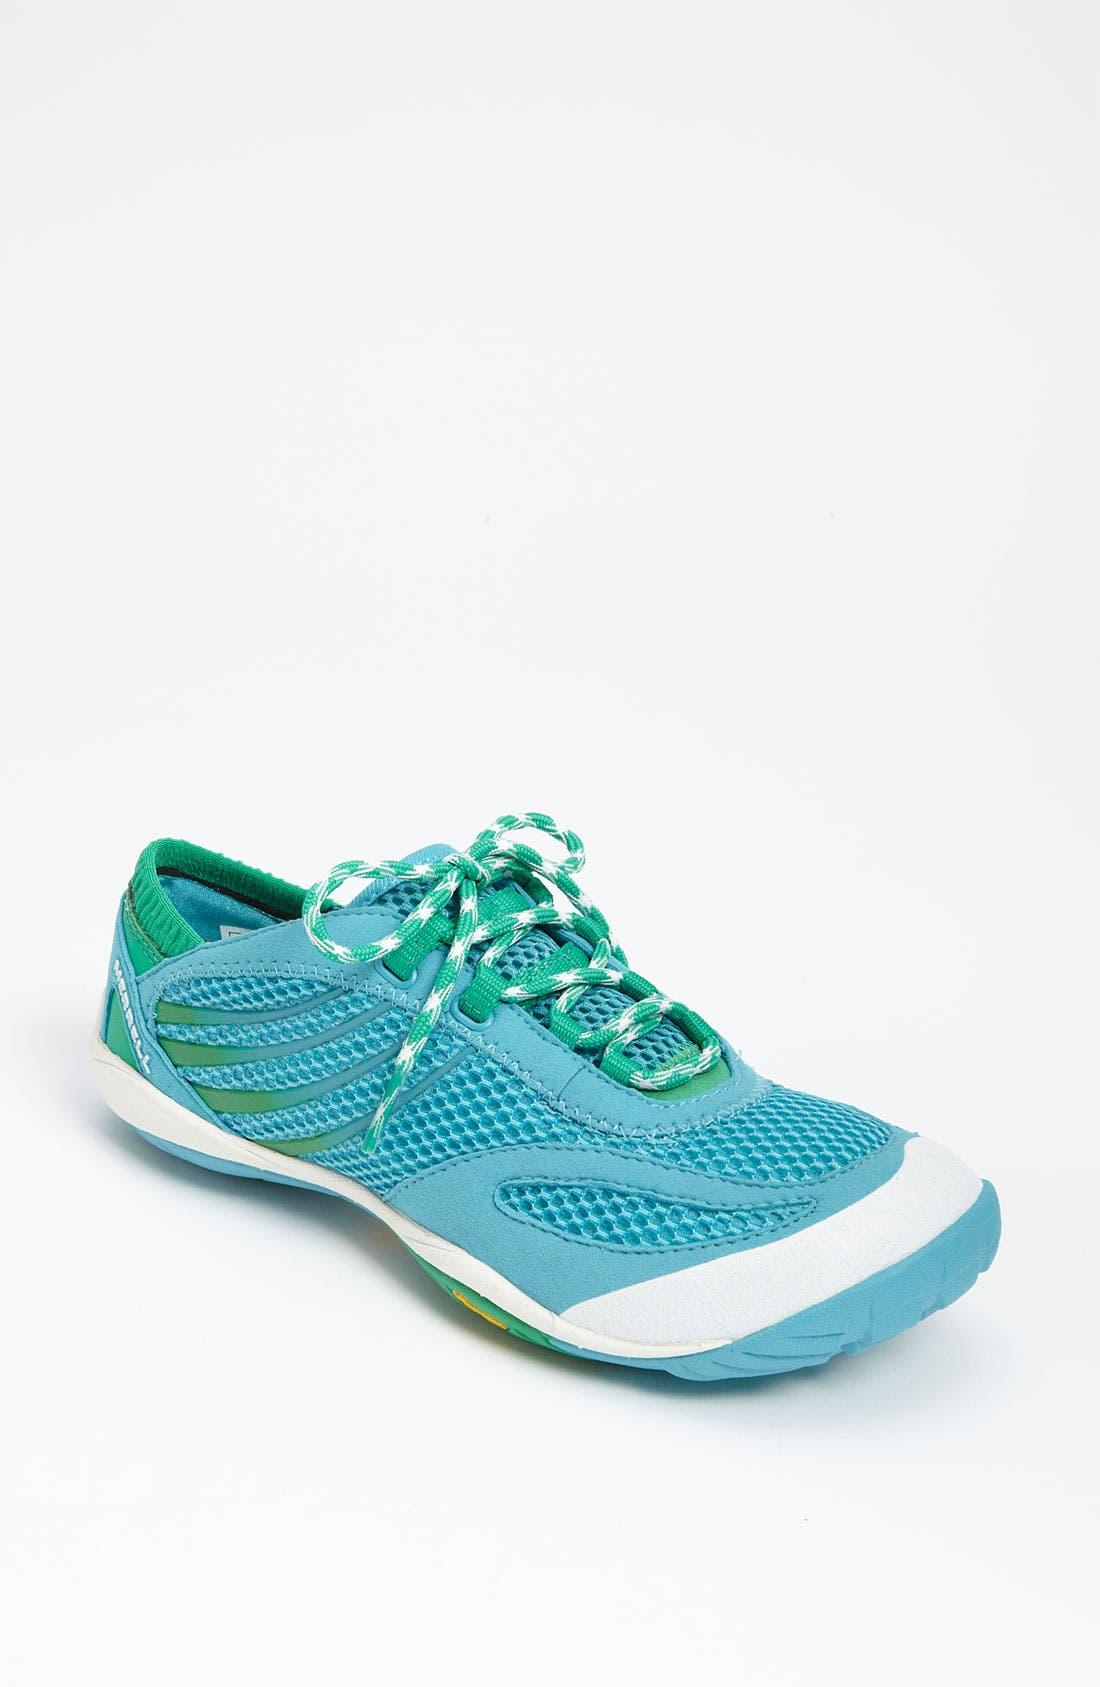 Main Image - Merrell 'Pace Glove' Running Shoe (Women)